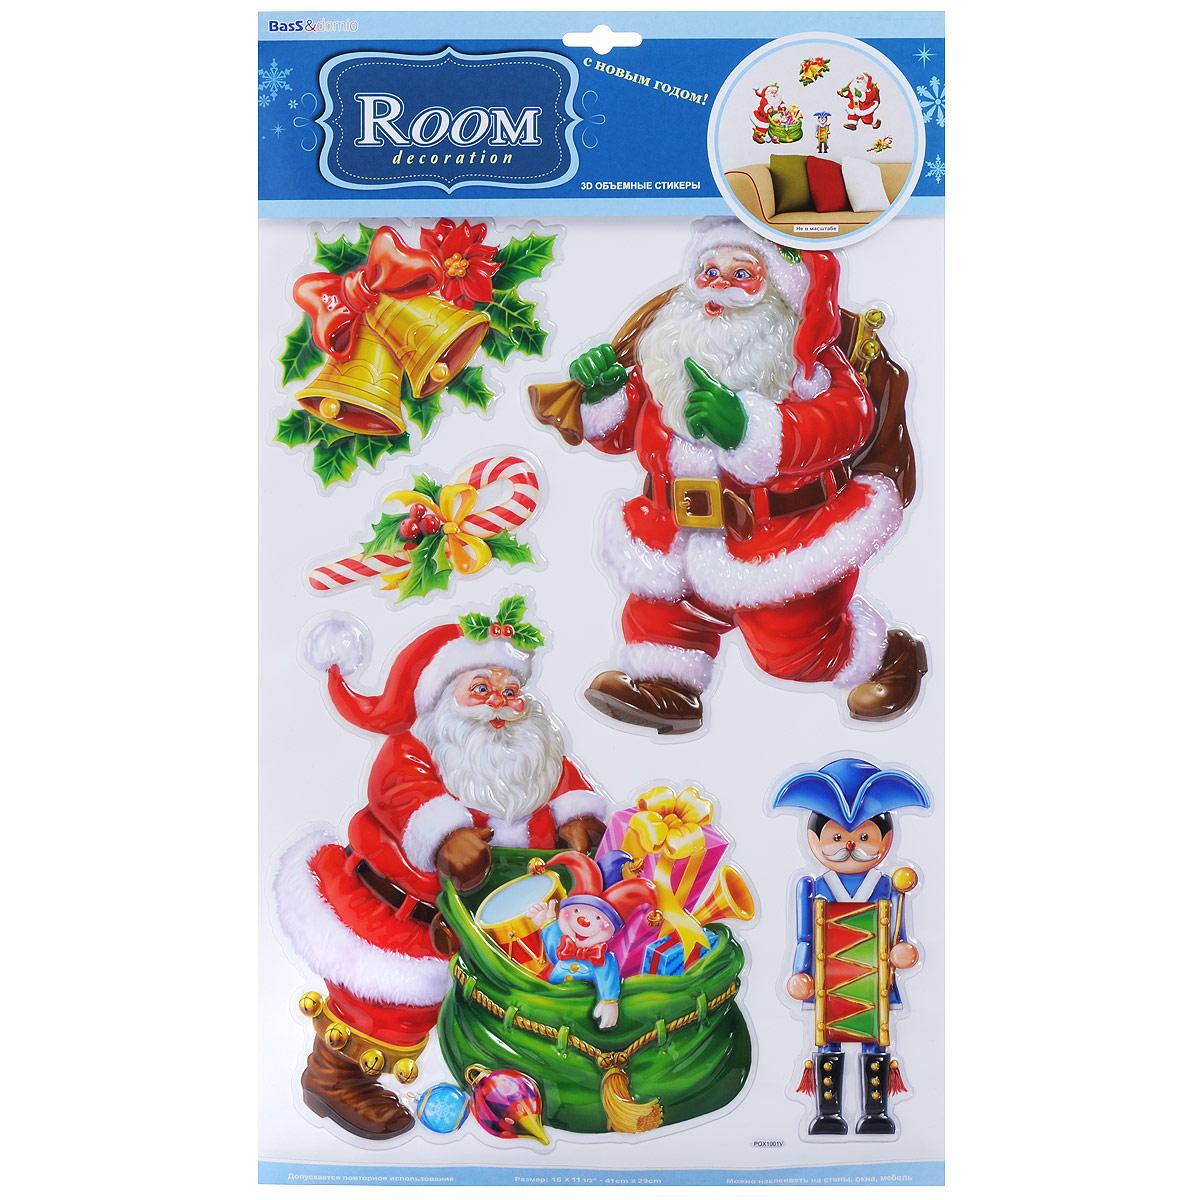 Наклейки для интерьера Room Decoration Веселый Дед Мороз, объемные, 41 х 29 см юлия винклер дед мороз и птичка наклейки